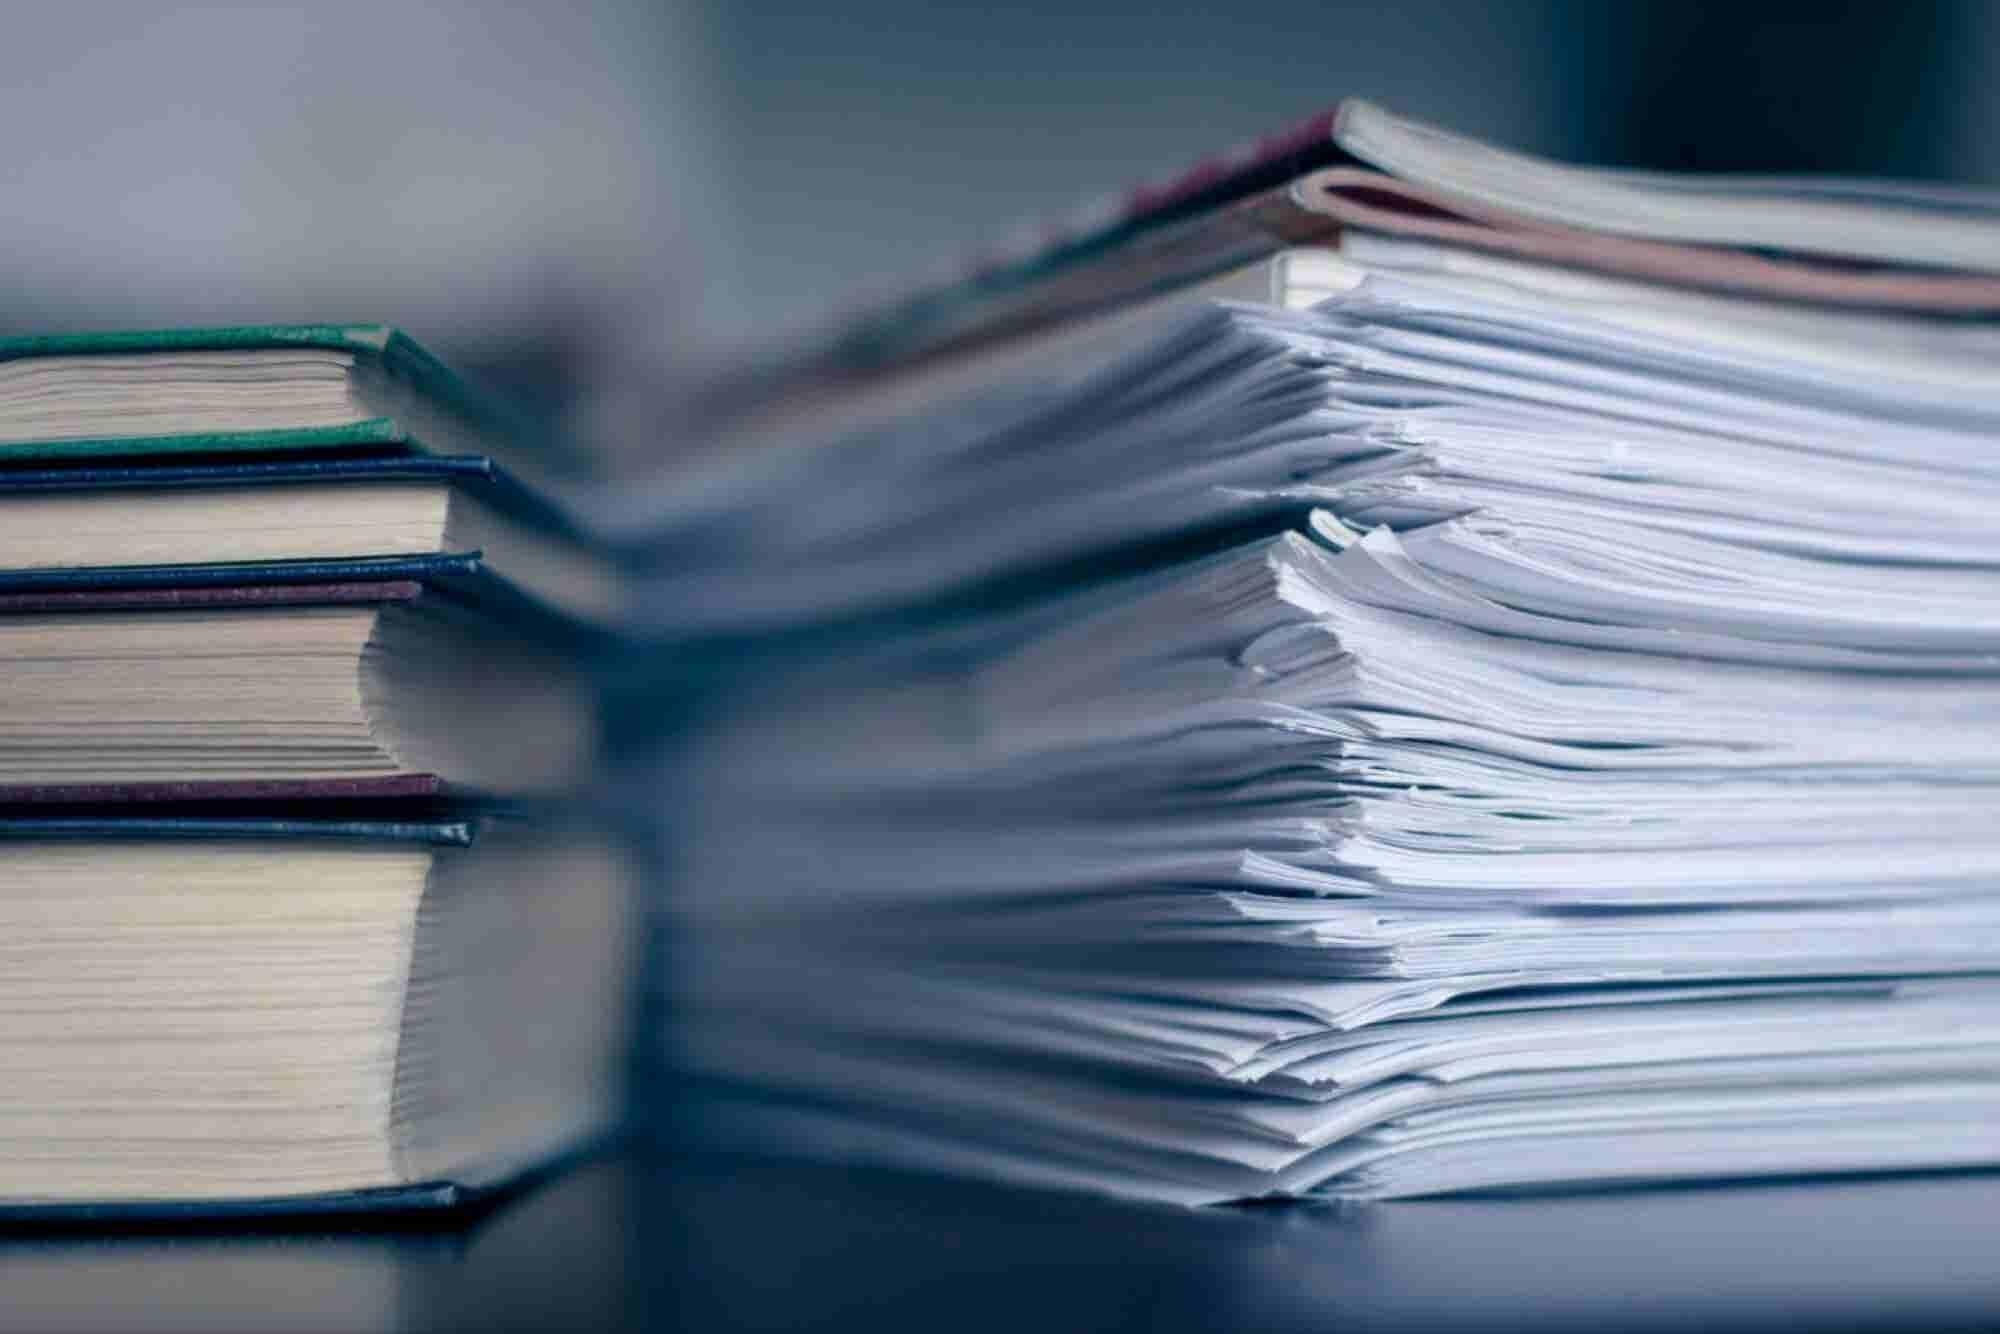 ¿Qué documentos debes guardar en una emergencia?